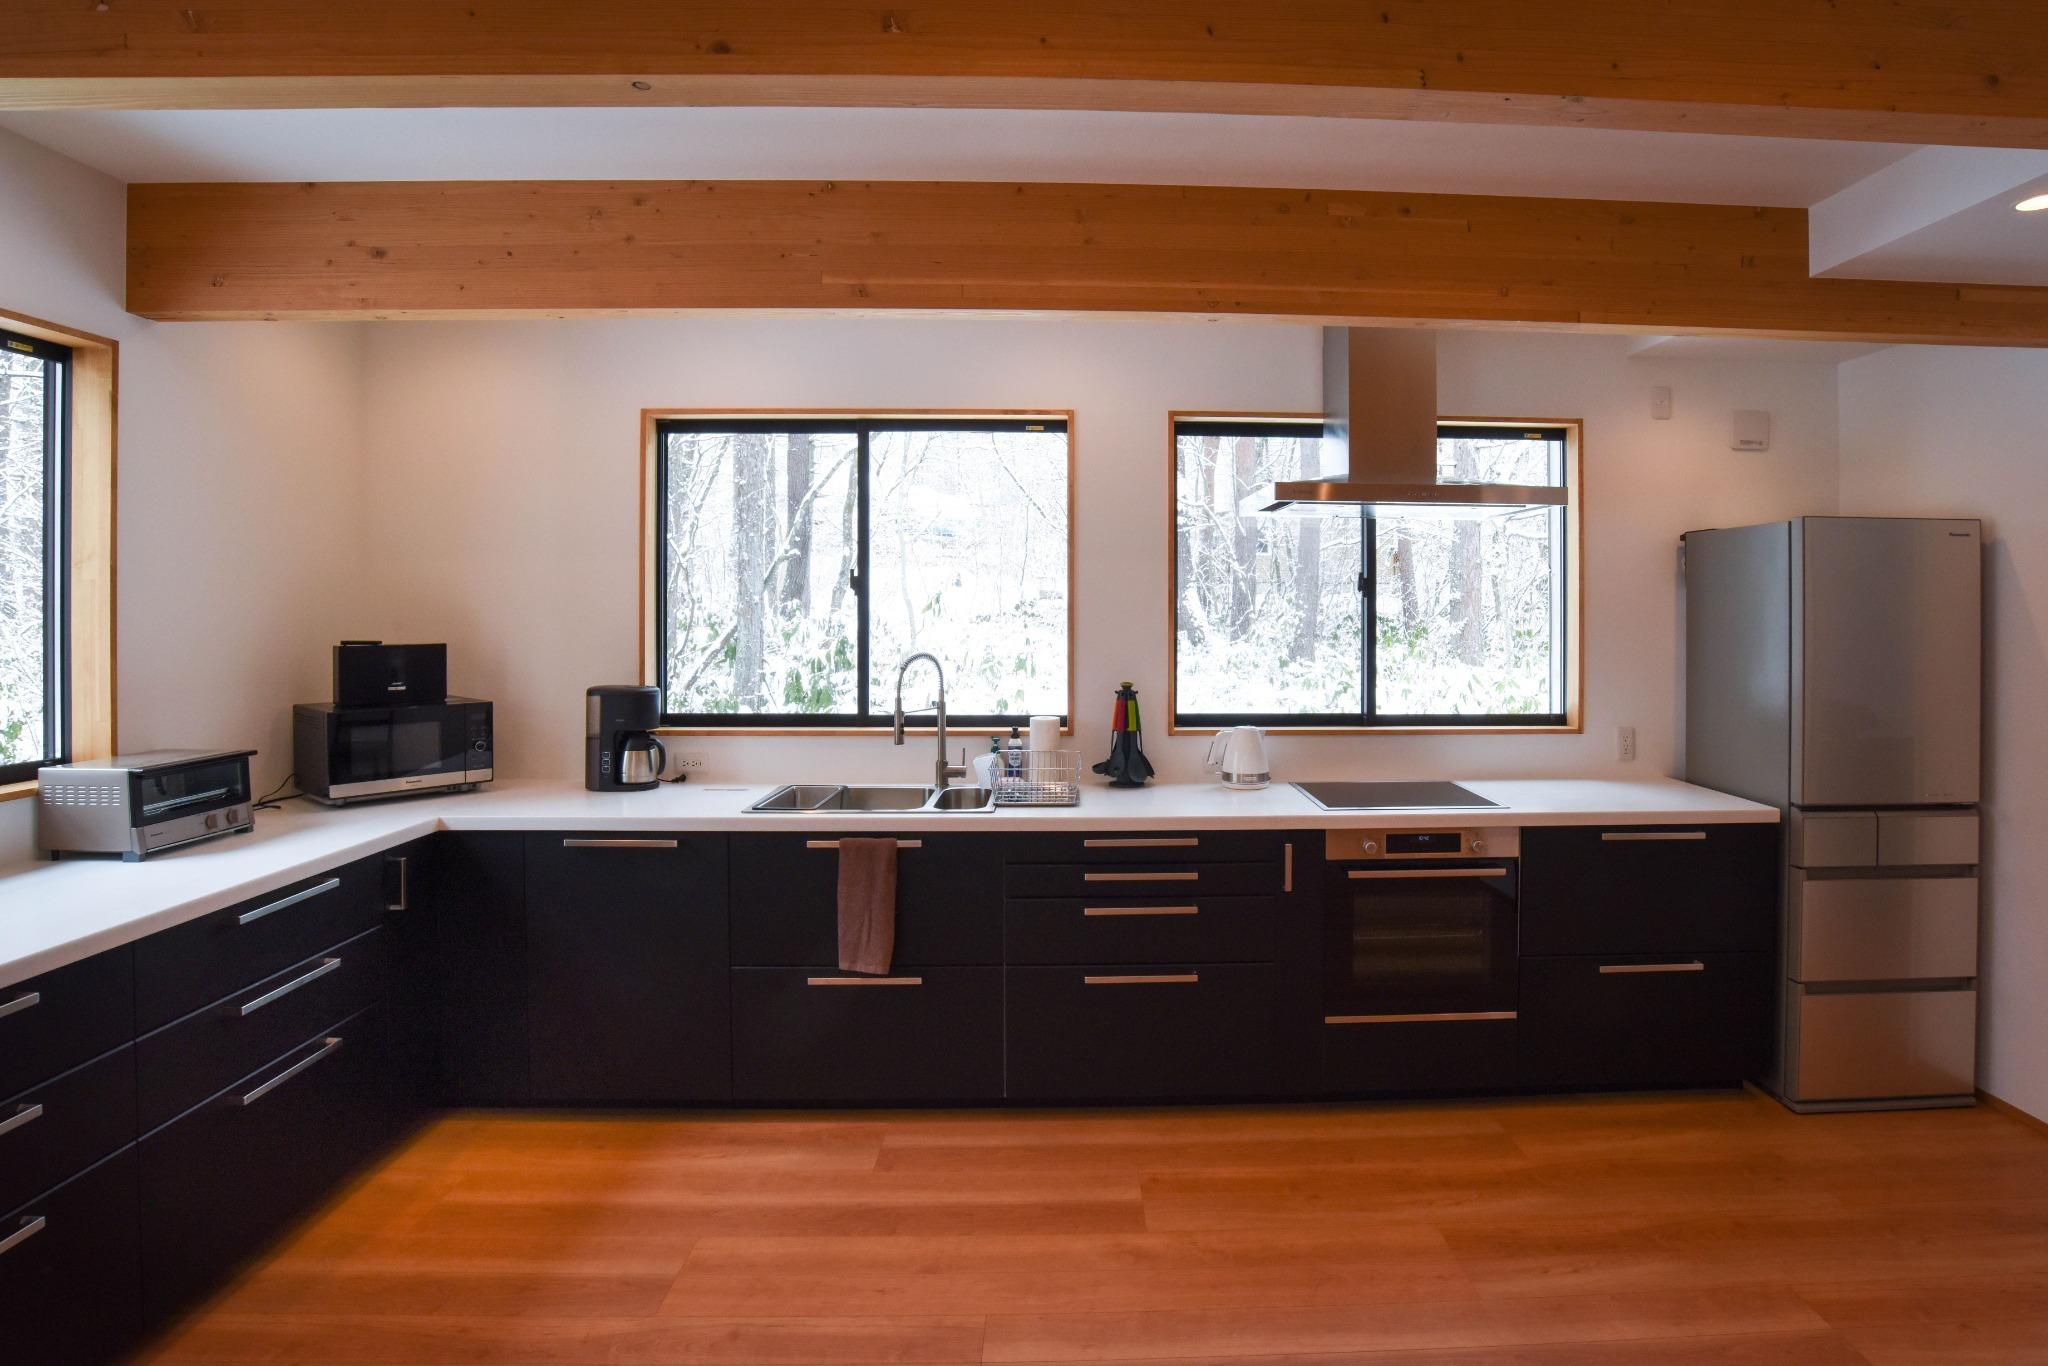 食洗機、オーブン完備のキッチン